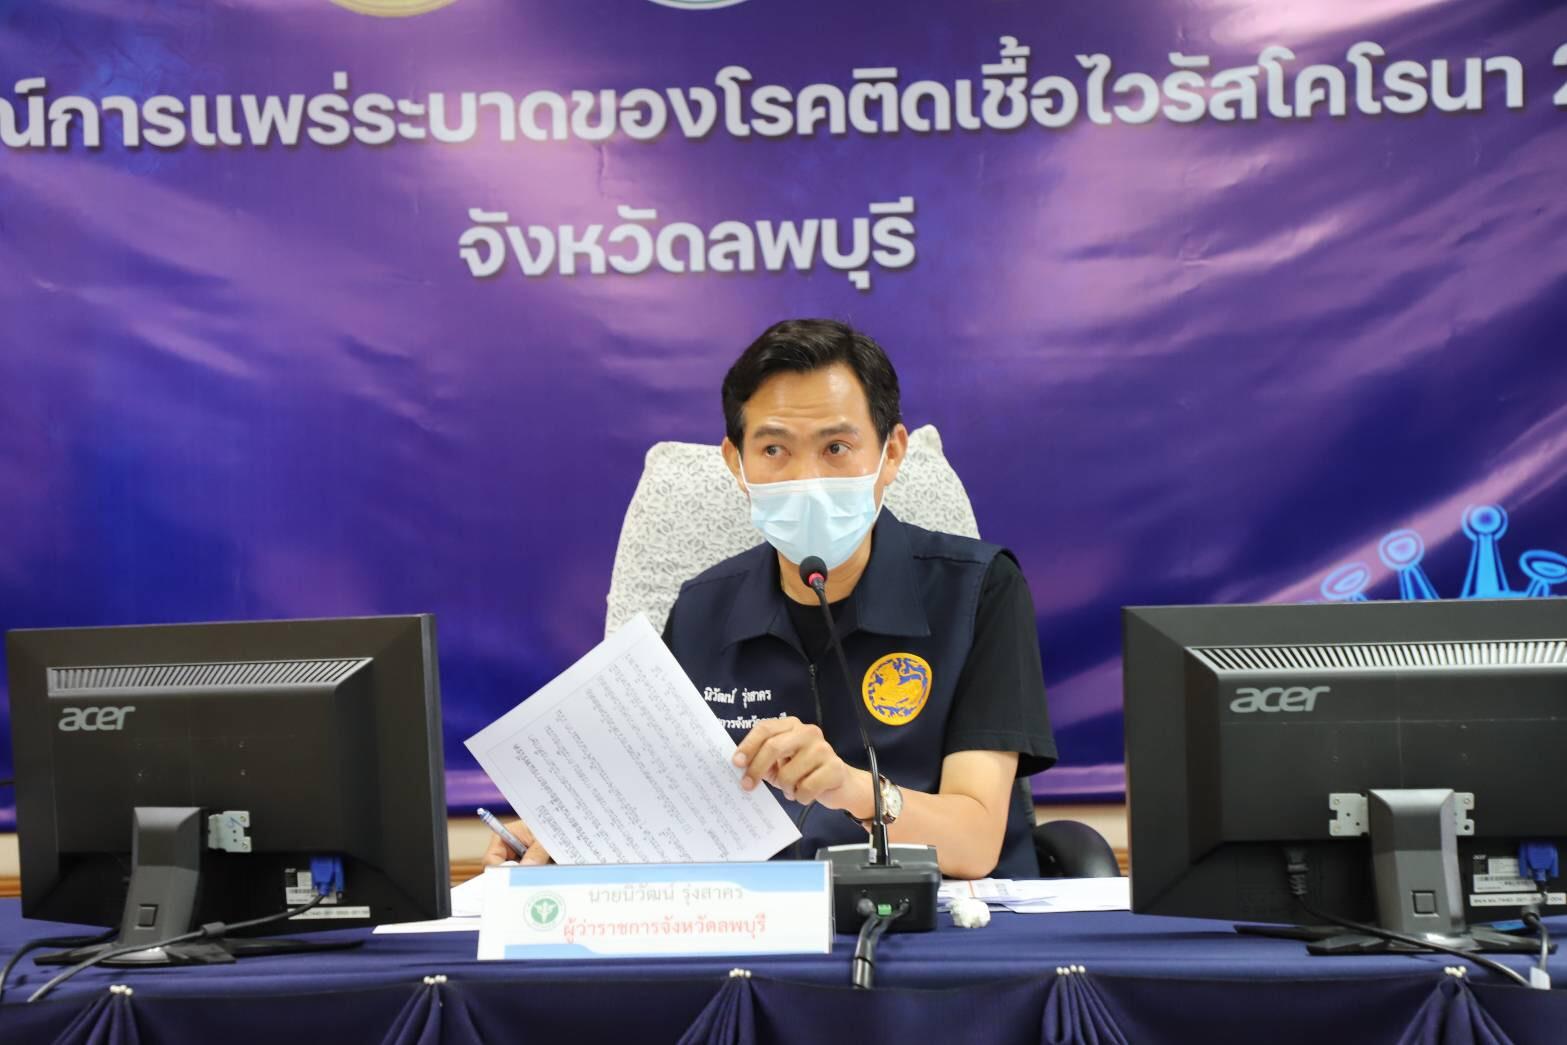 ร่วมประชุมคณะกรรมการโรคติดต่อจังหวัดลพบุรี